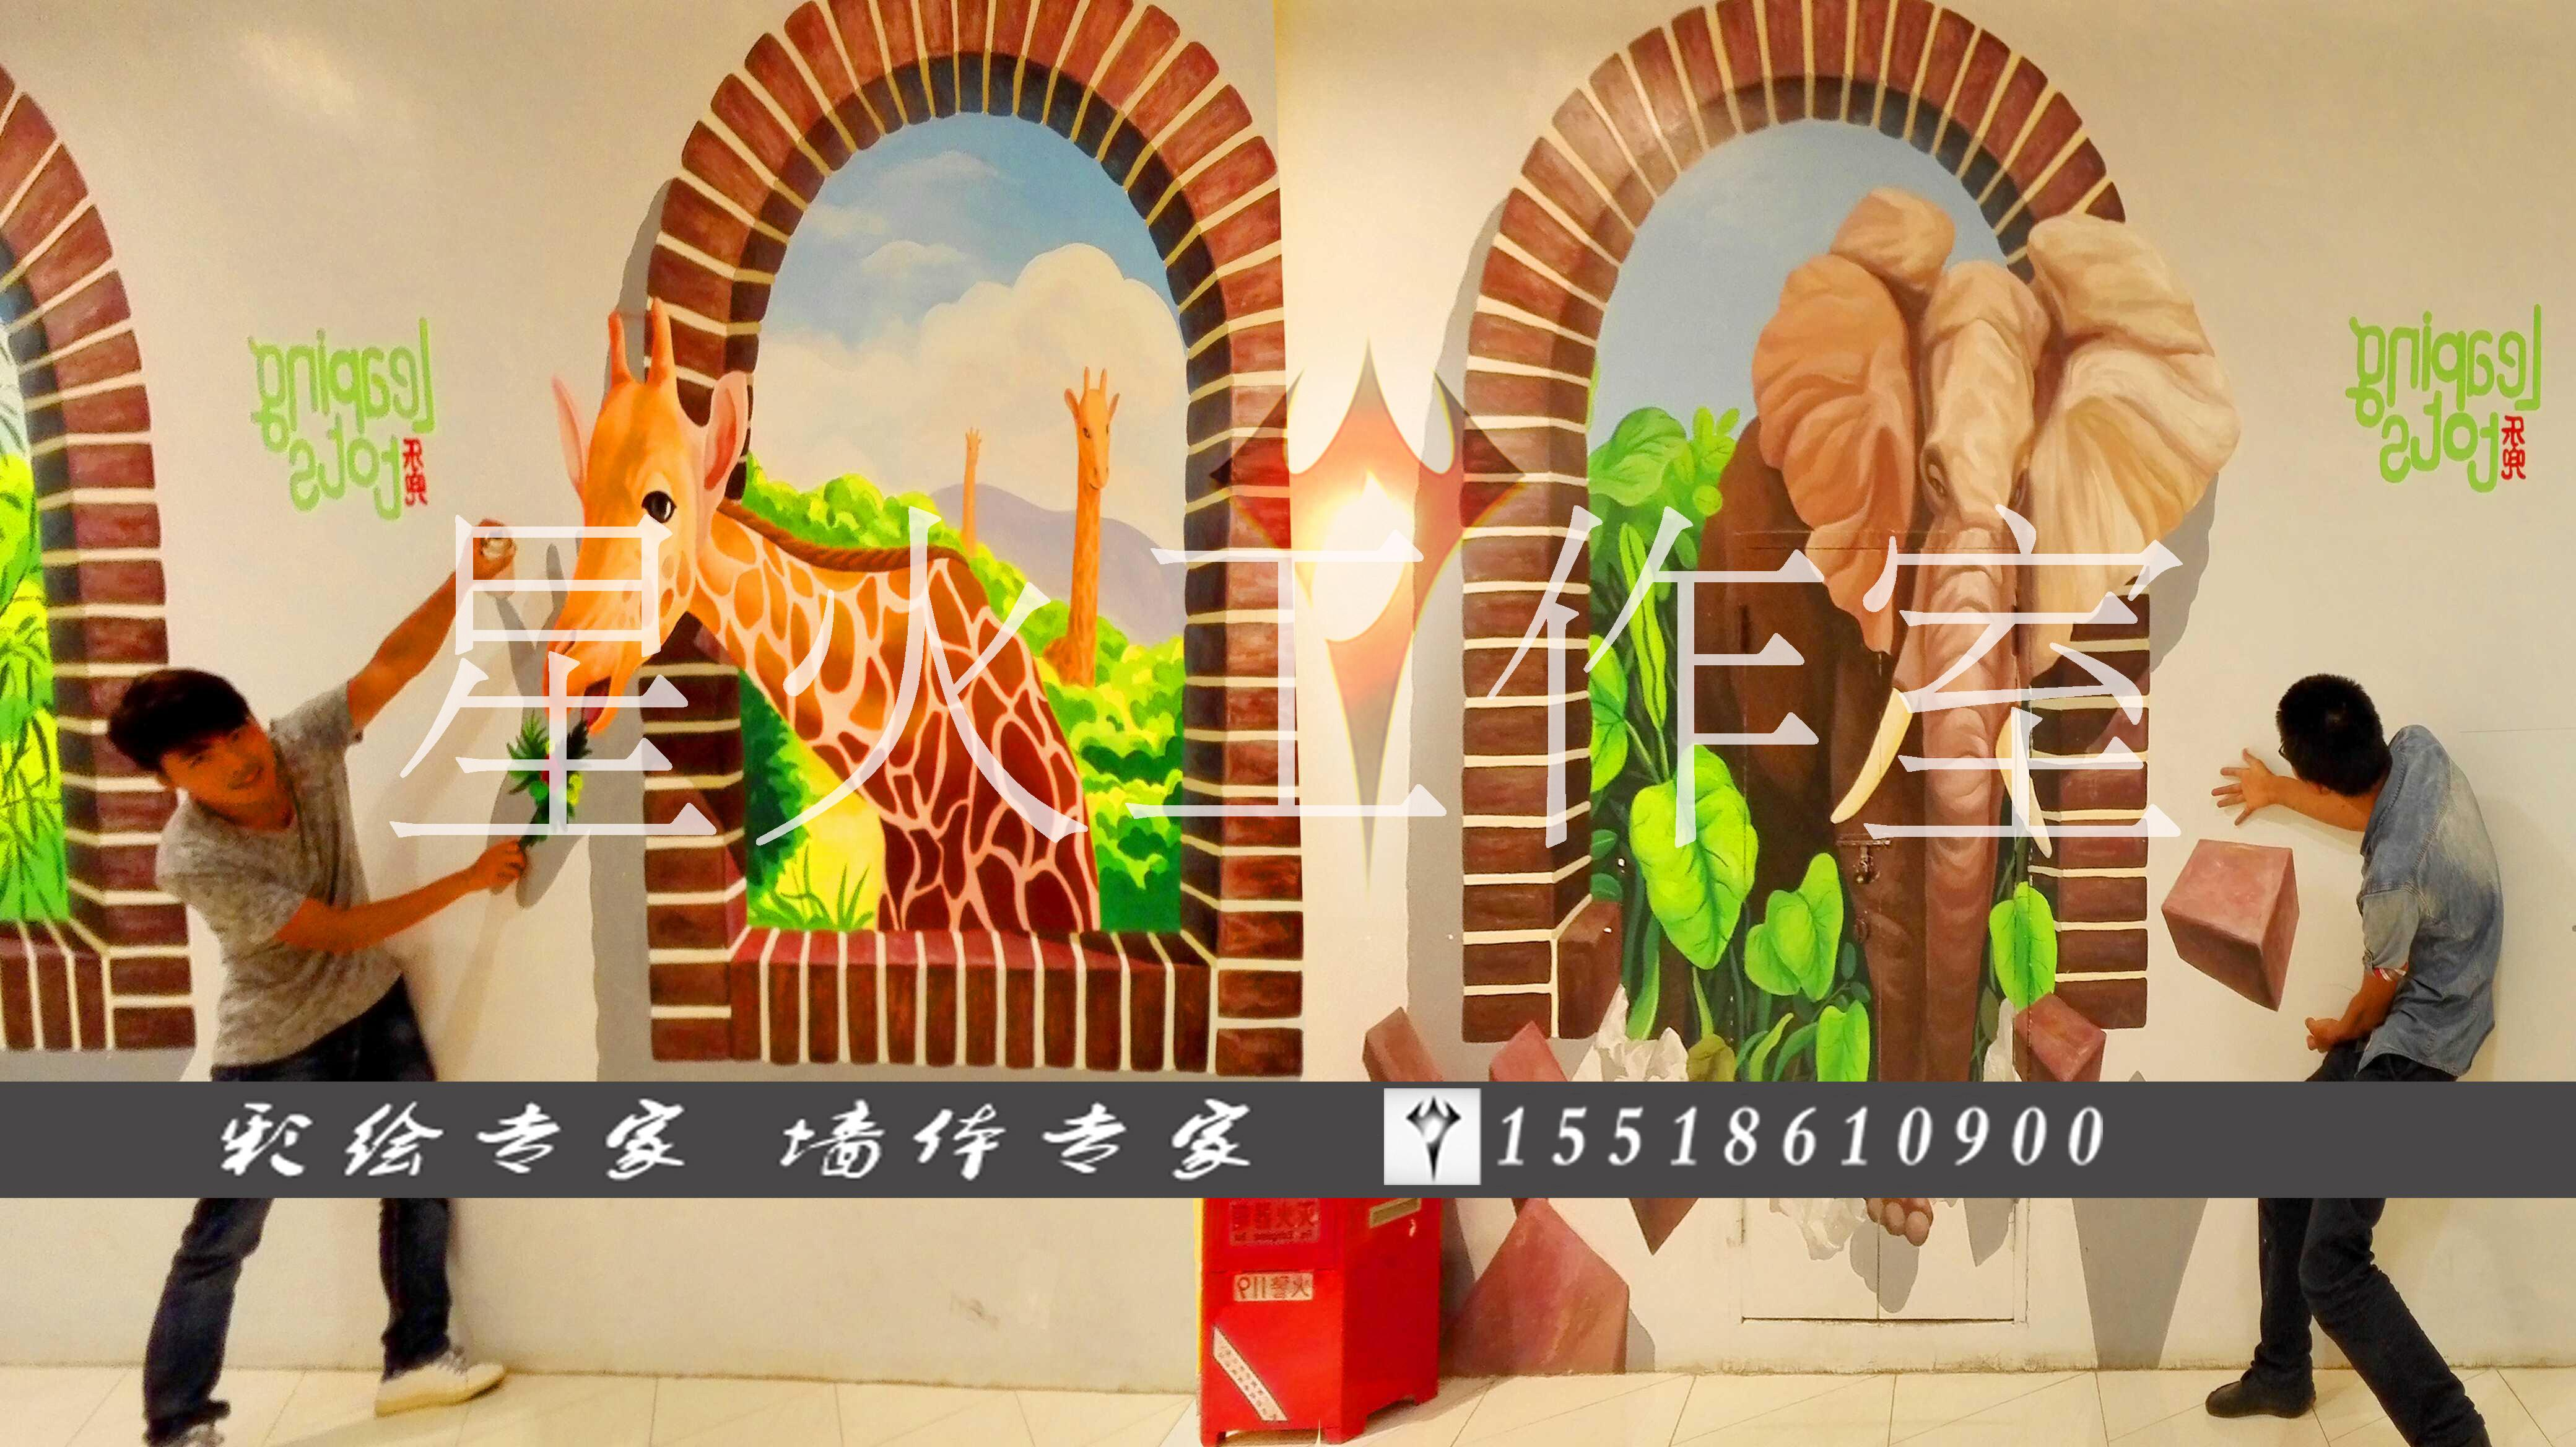 墙绘报价表_郑州幼儿园墙绘报价